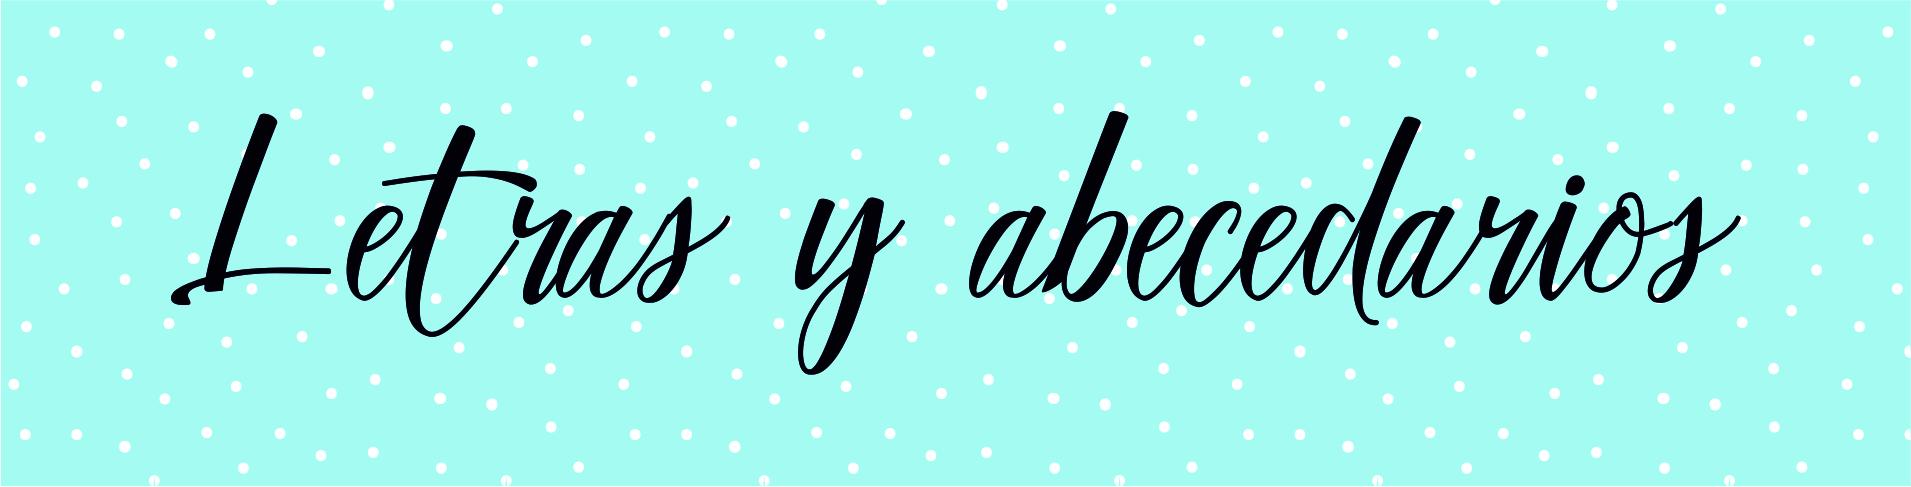 Letras y abecedarios